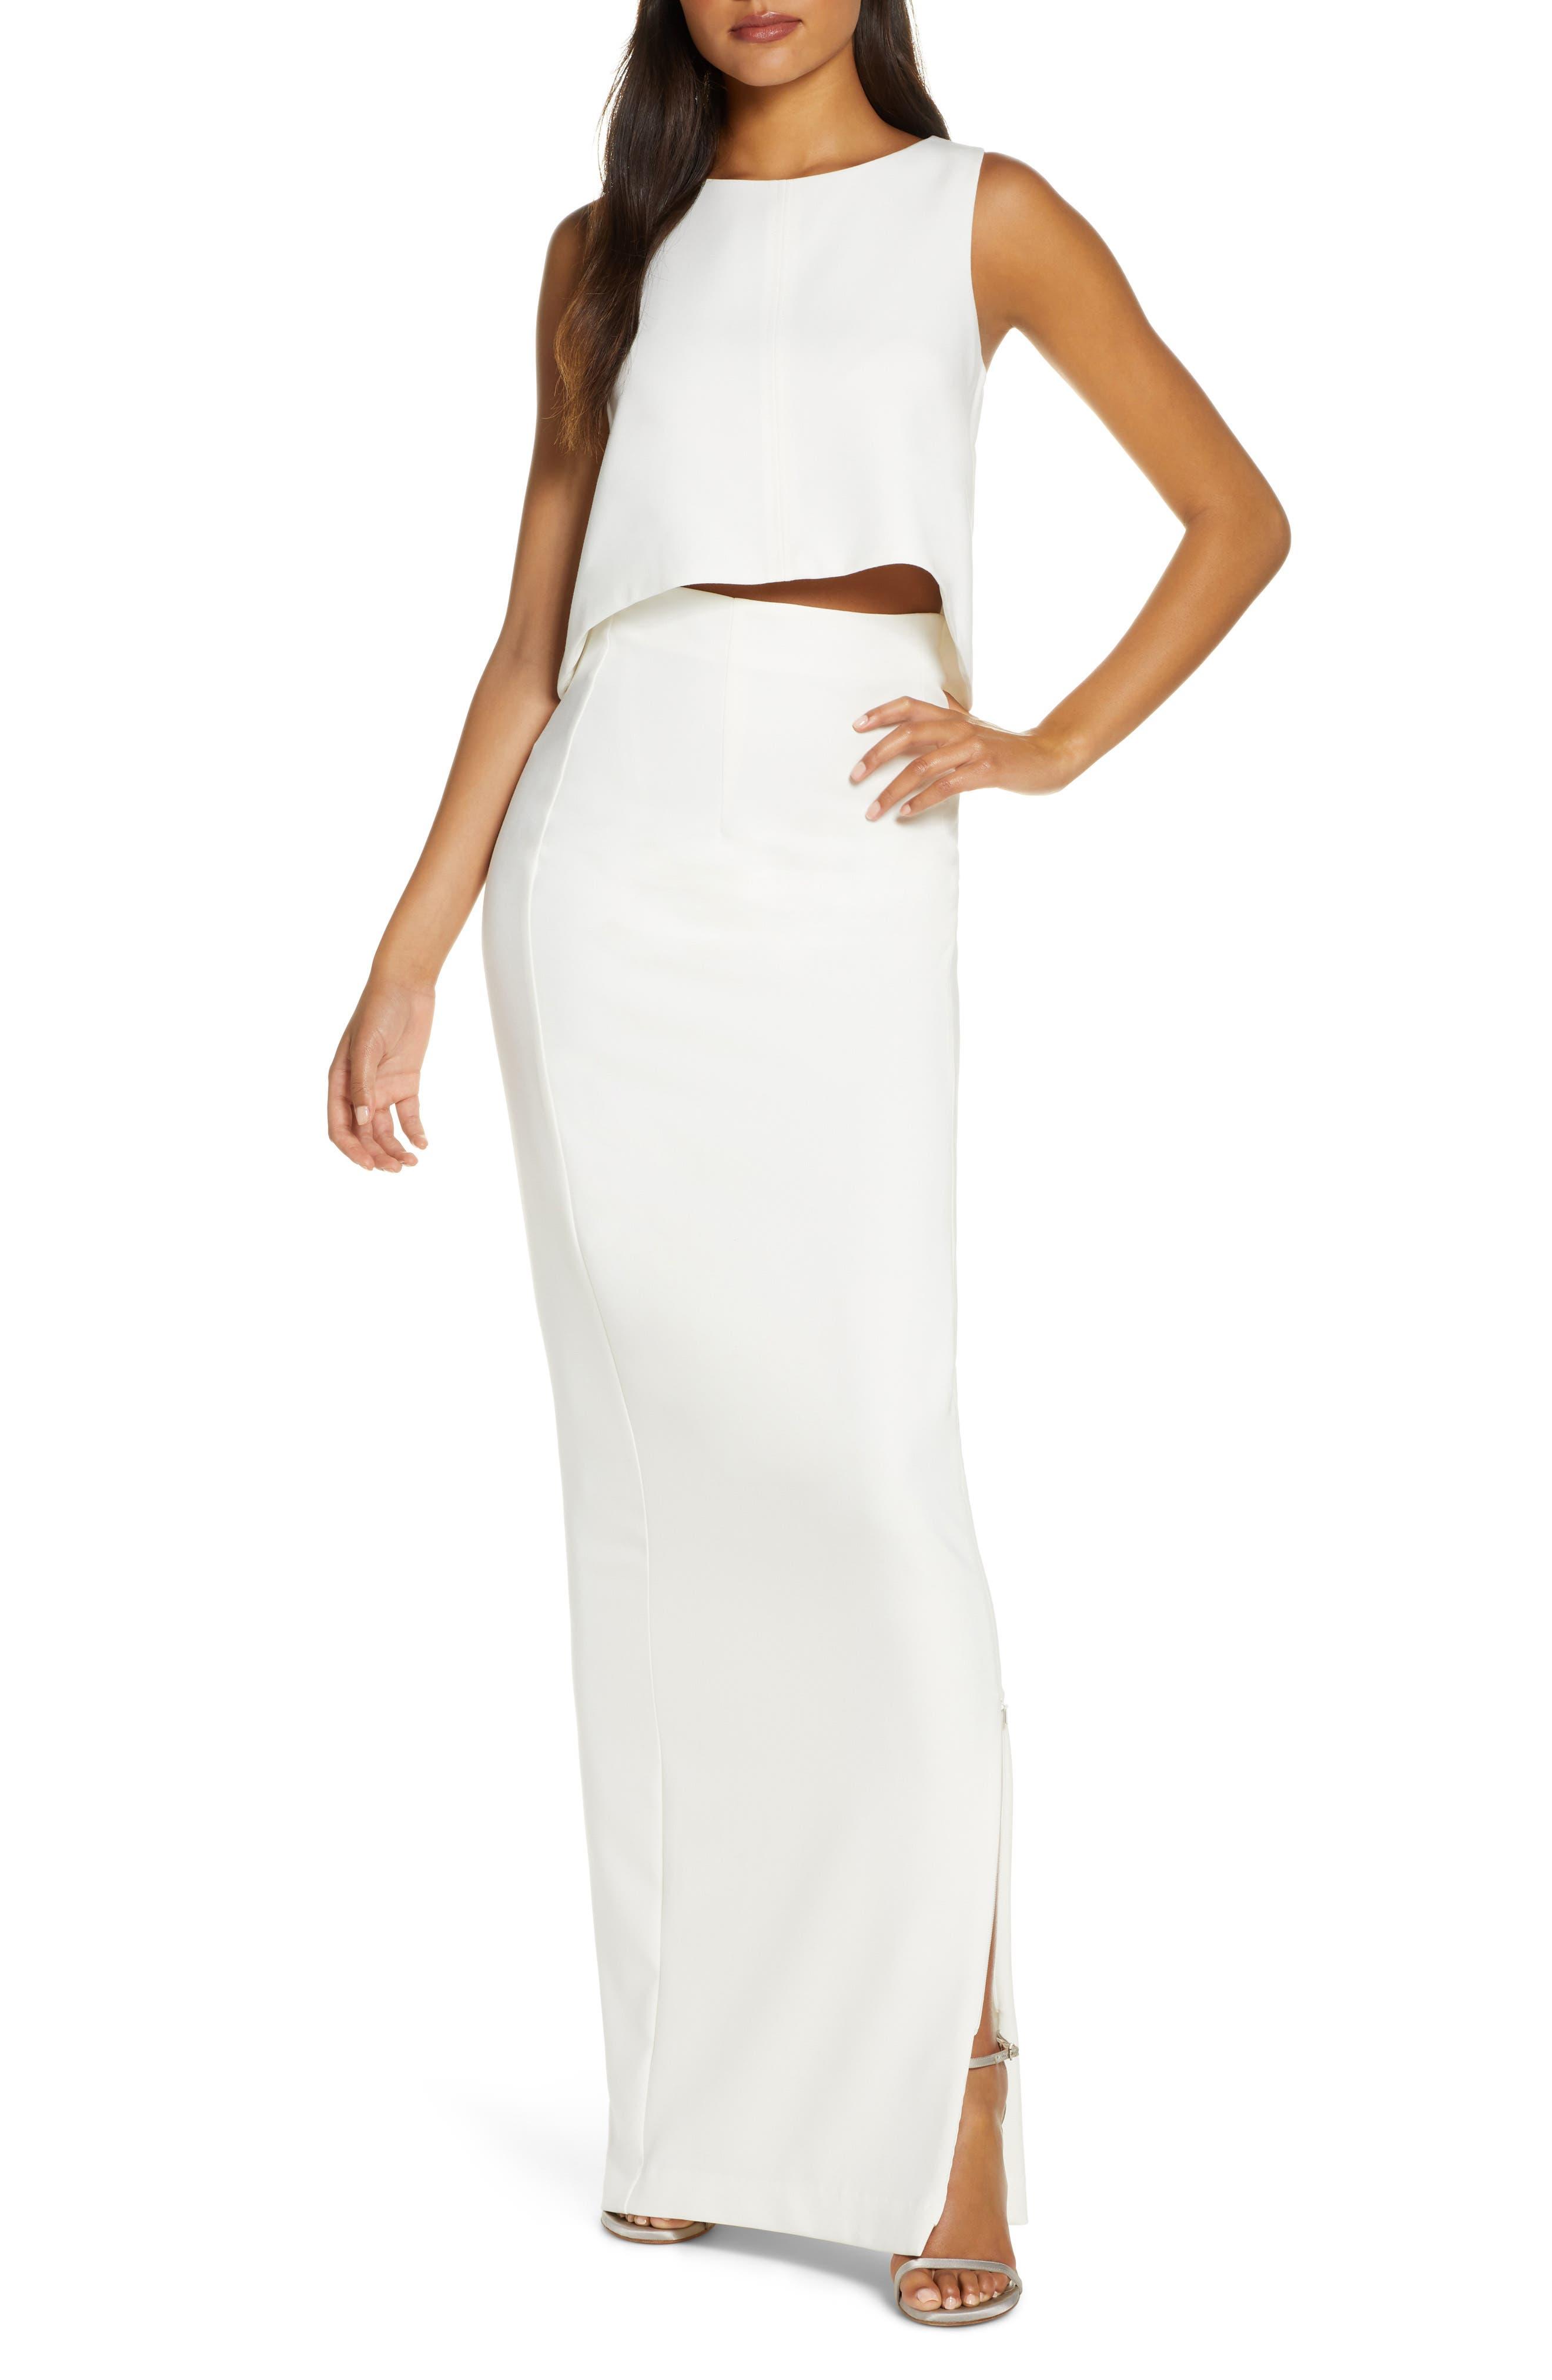 Kasie Knit Dress